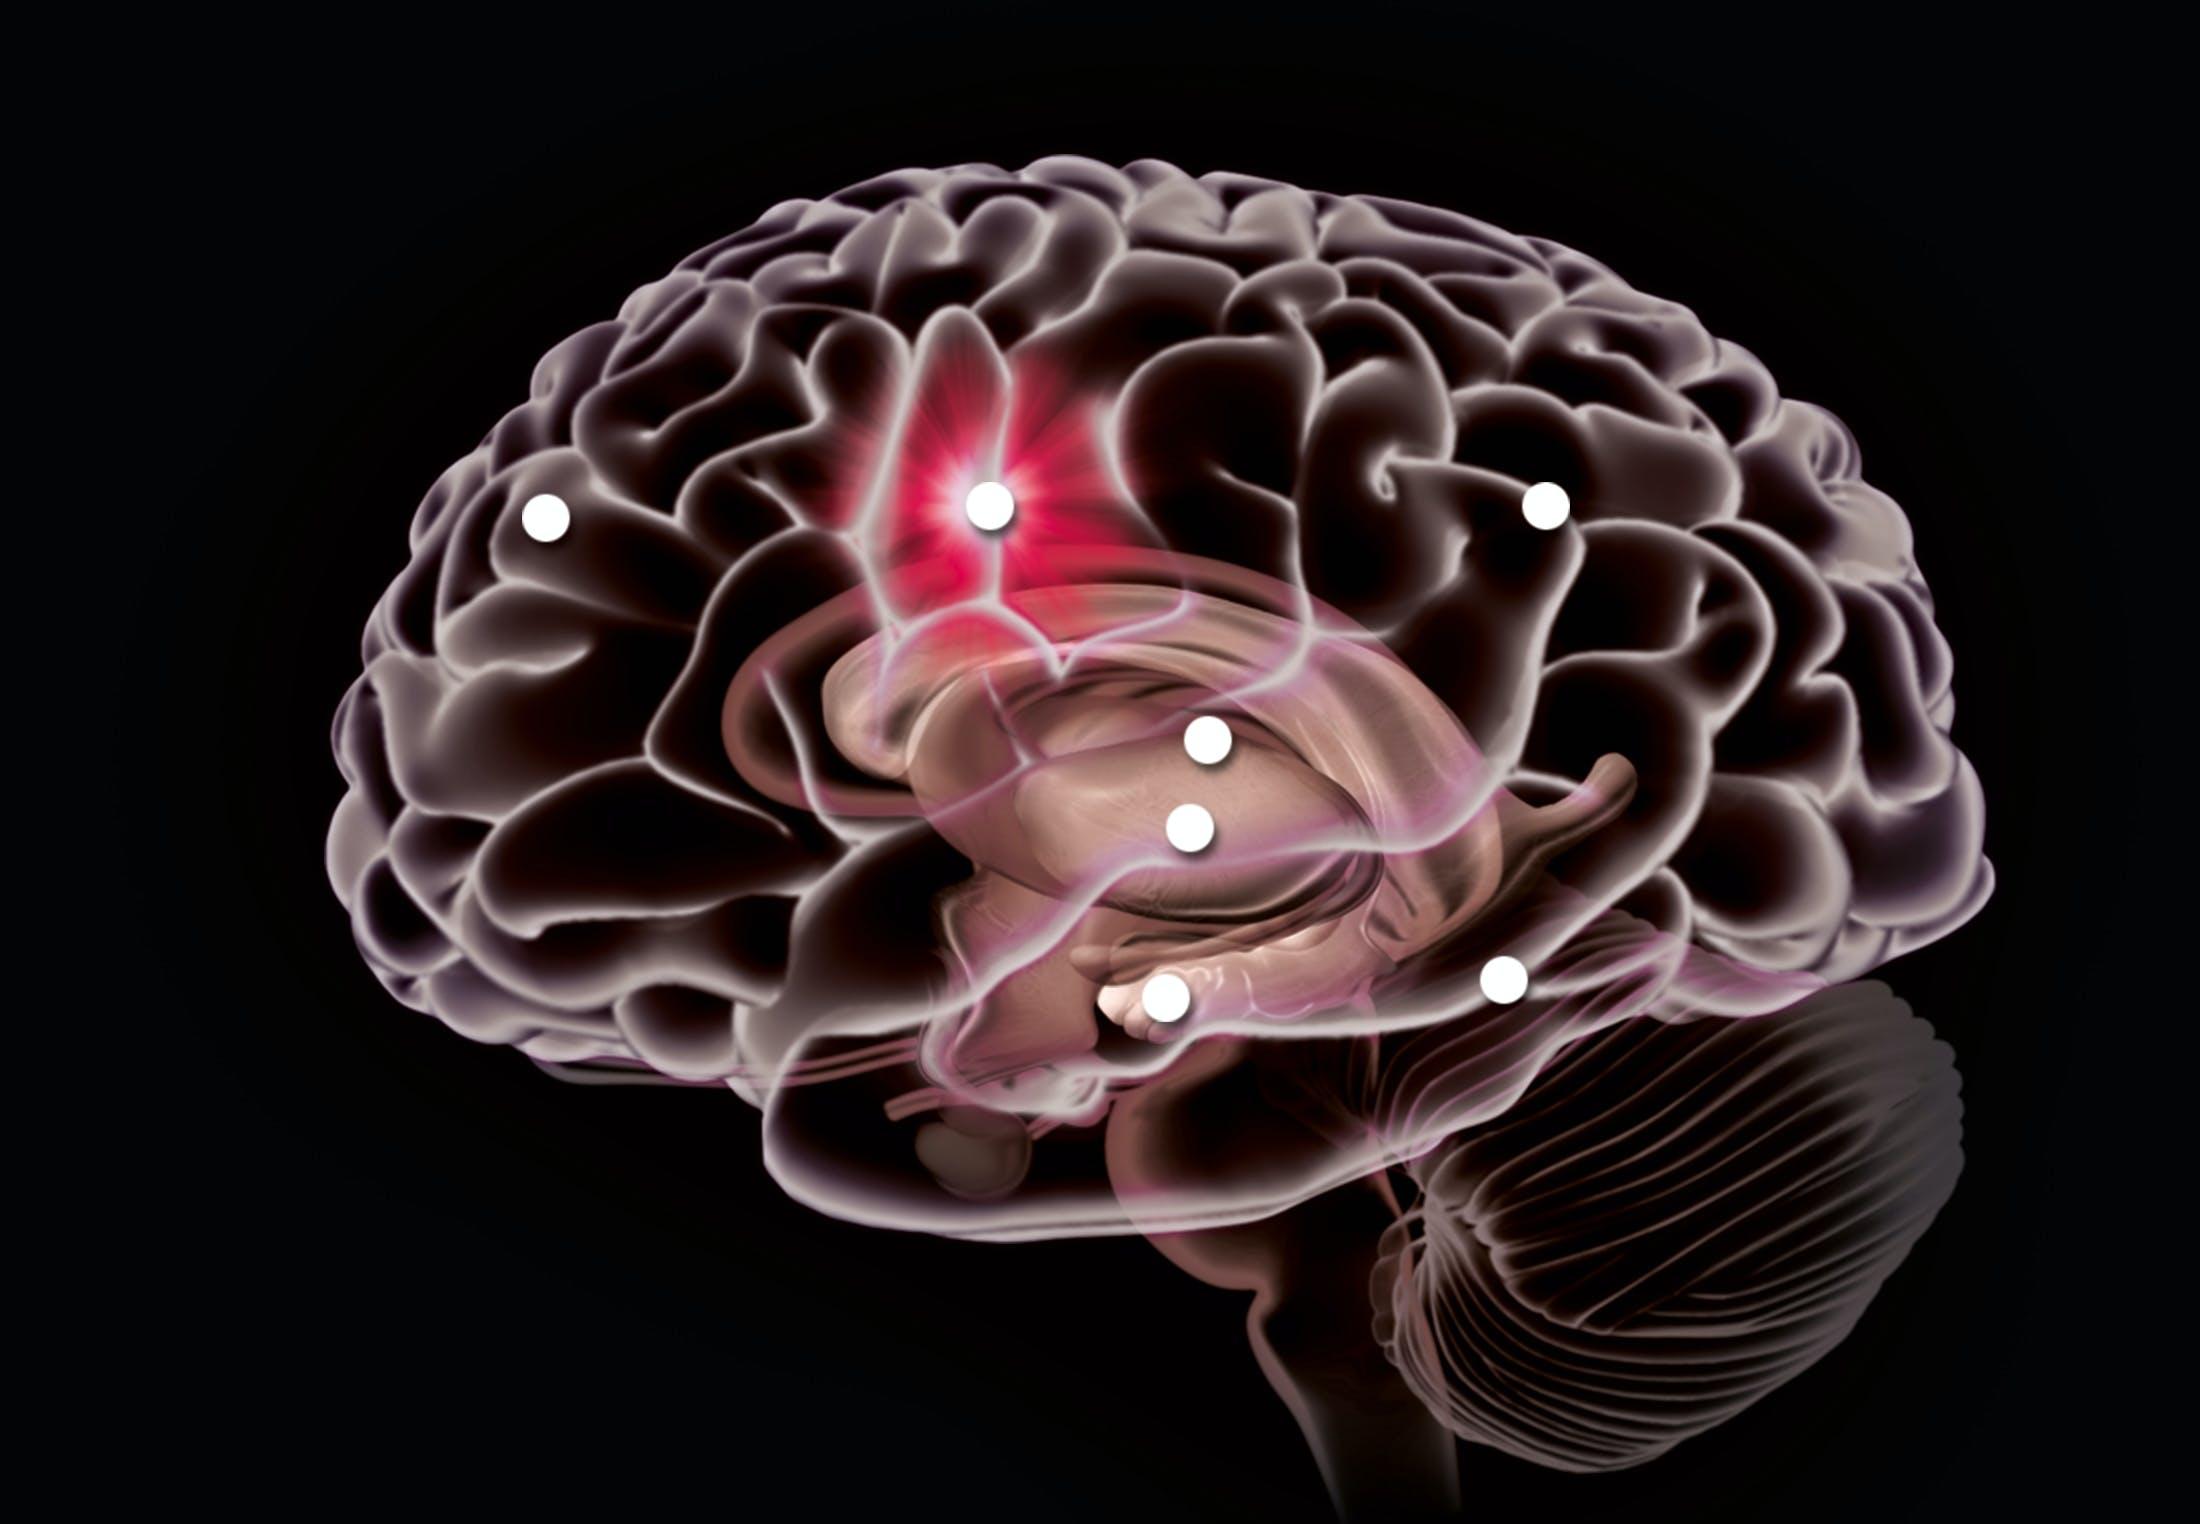 En skizofren hjerne har anderledes kommunikationsmønstre end en rask hjerne.